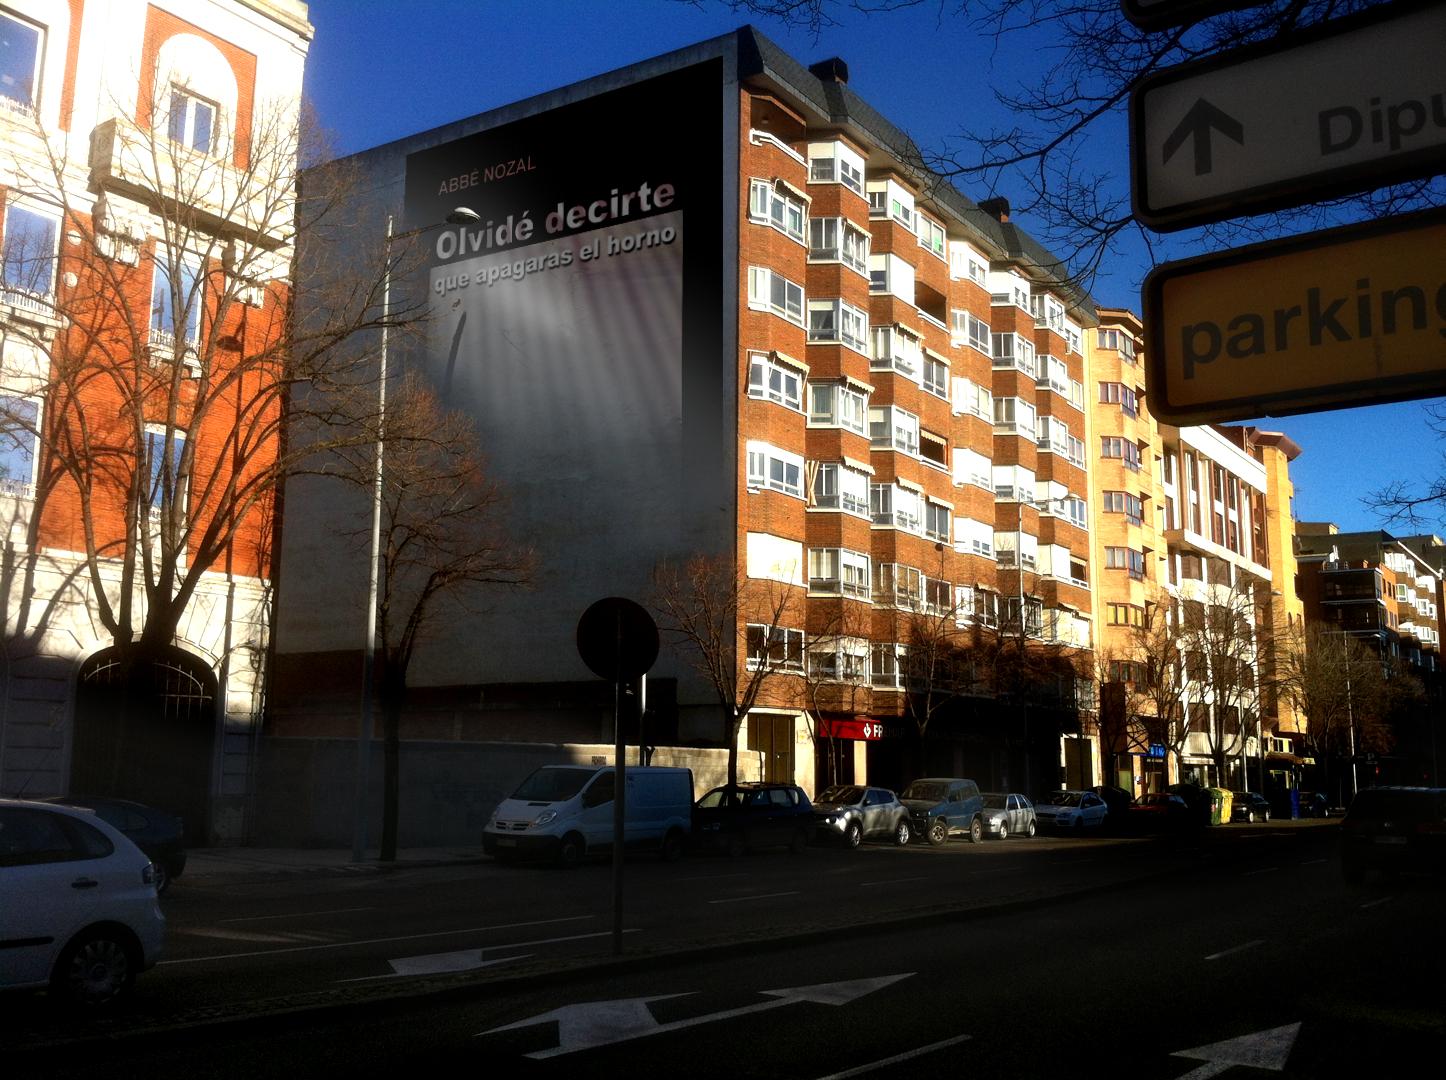 Muro publicitario permanente, 2014 Abbé Nozal